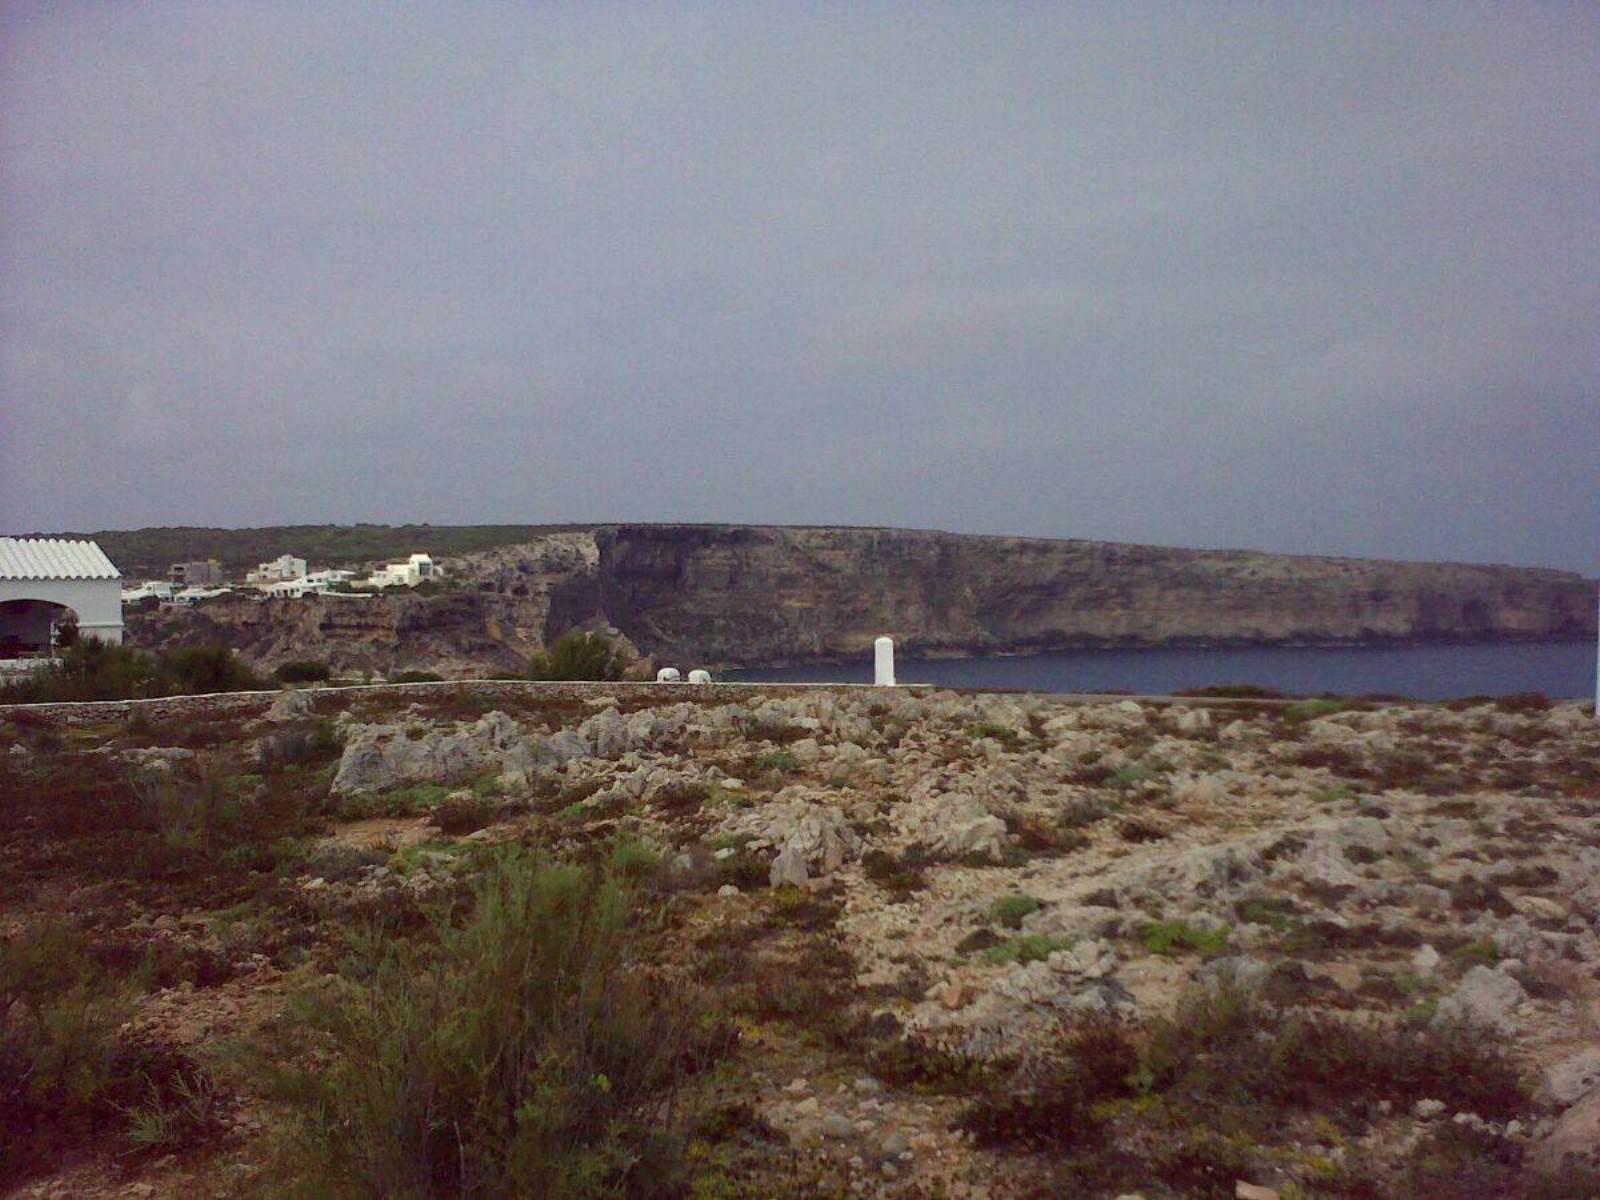 Terreno edificable en primera línea del mar Mediterráneo en Calla Morell